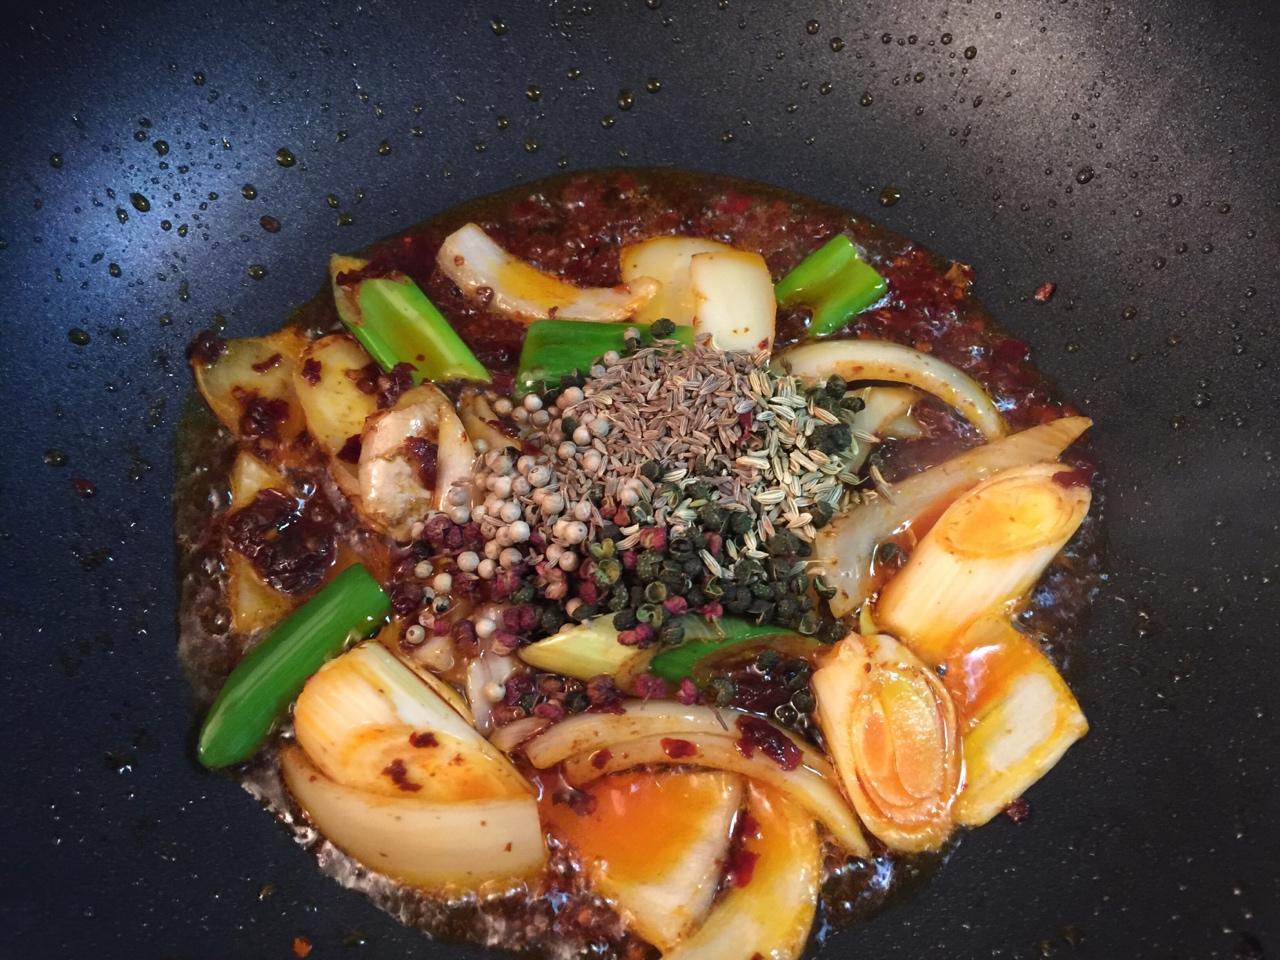 堂妈教你做红汤羊蝎子火锅的做法 步骤14